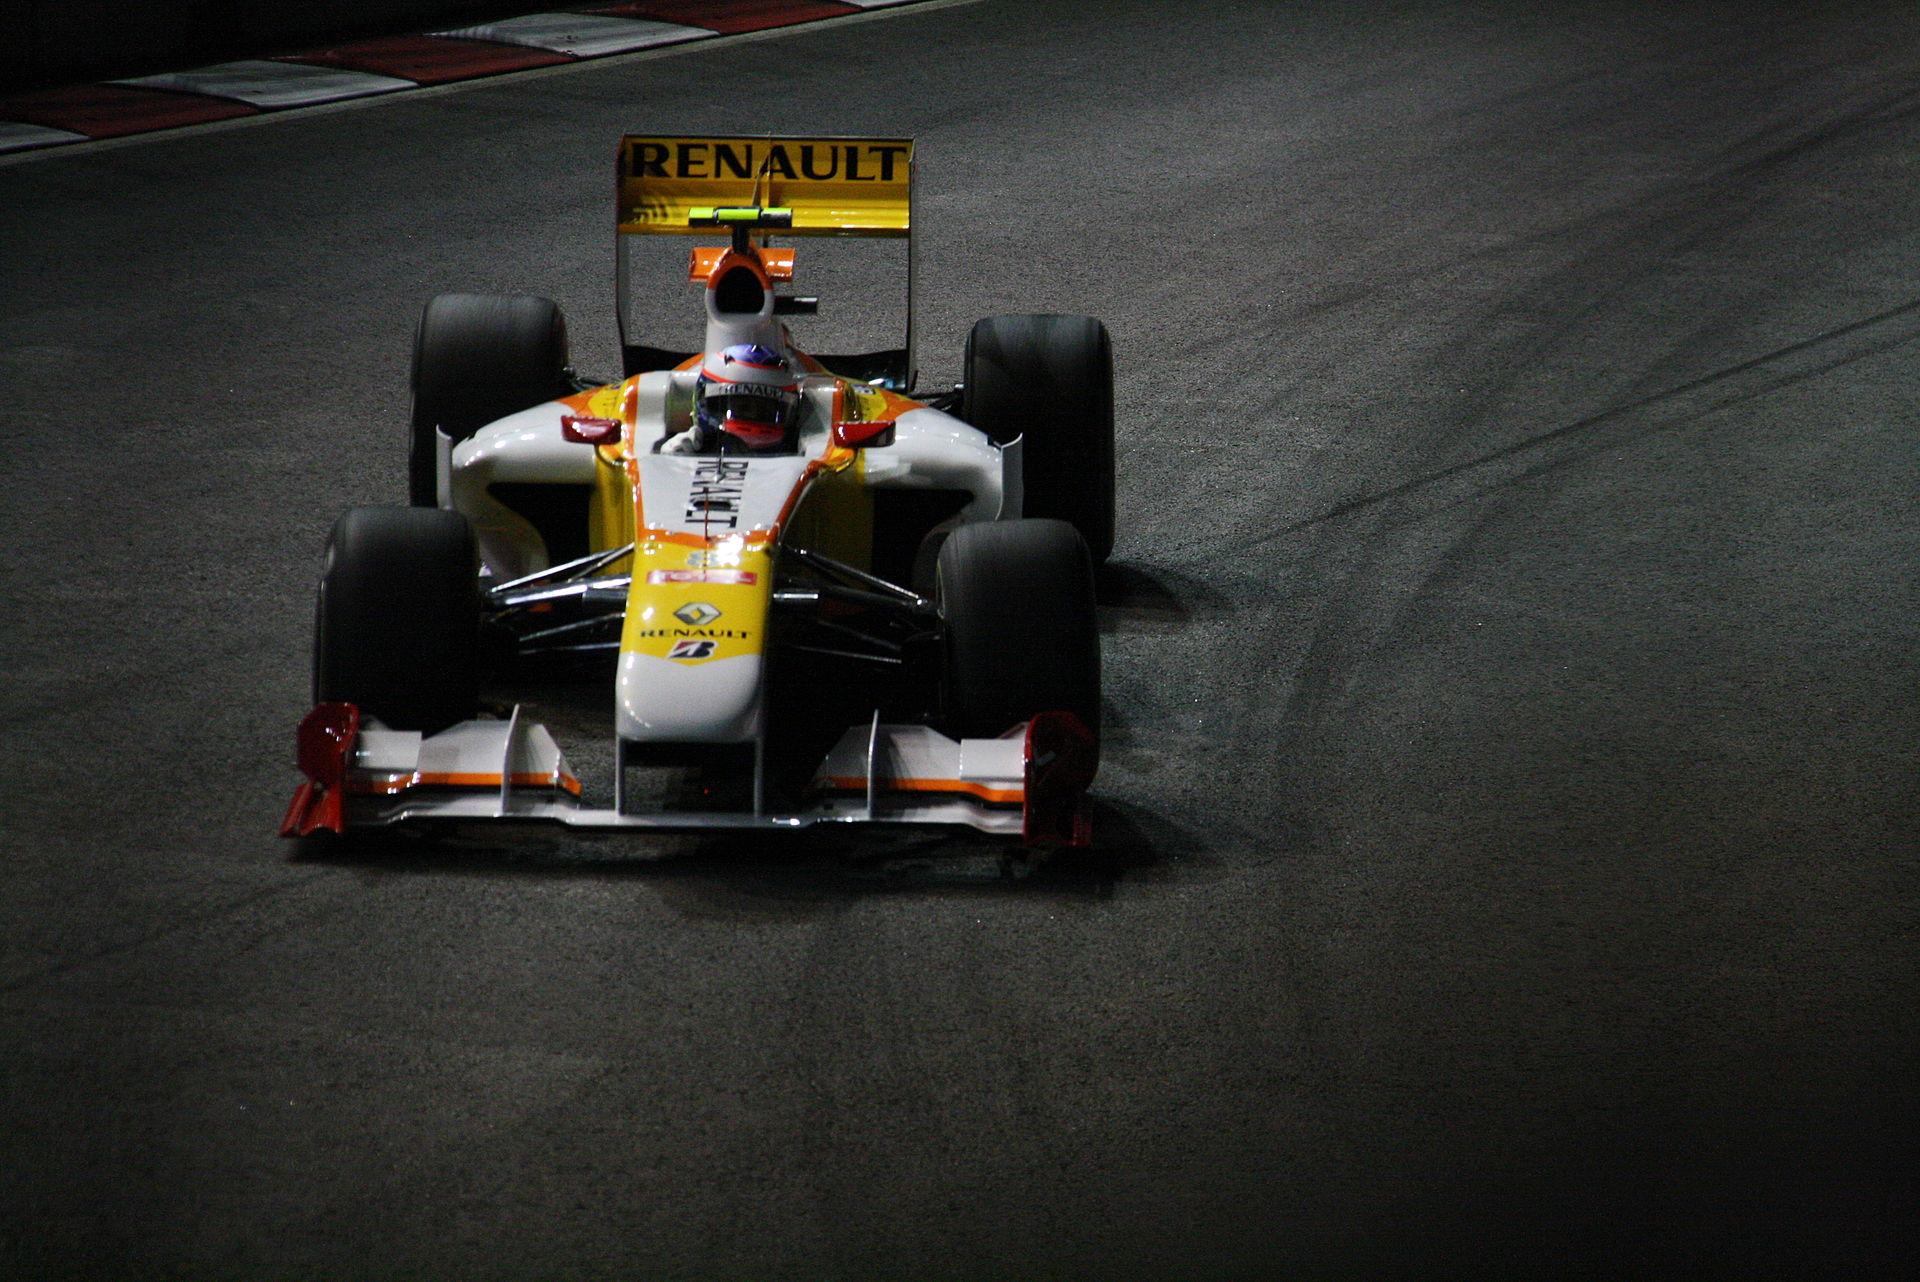 ING beëindigt er direct het contract met Renault waardoor de wagens zonder hoofdsponsor het seizoen moeten afmaken.